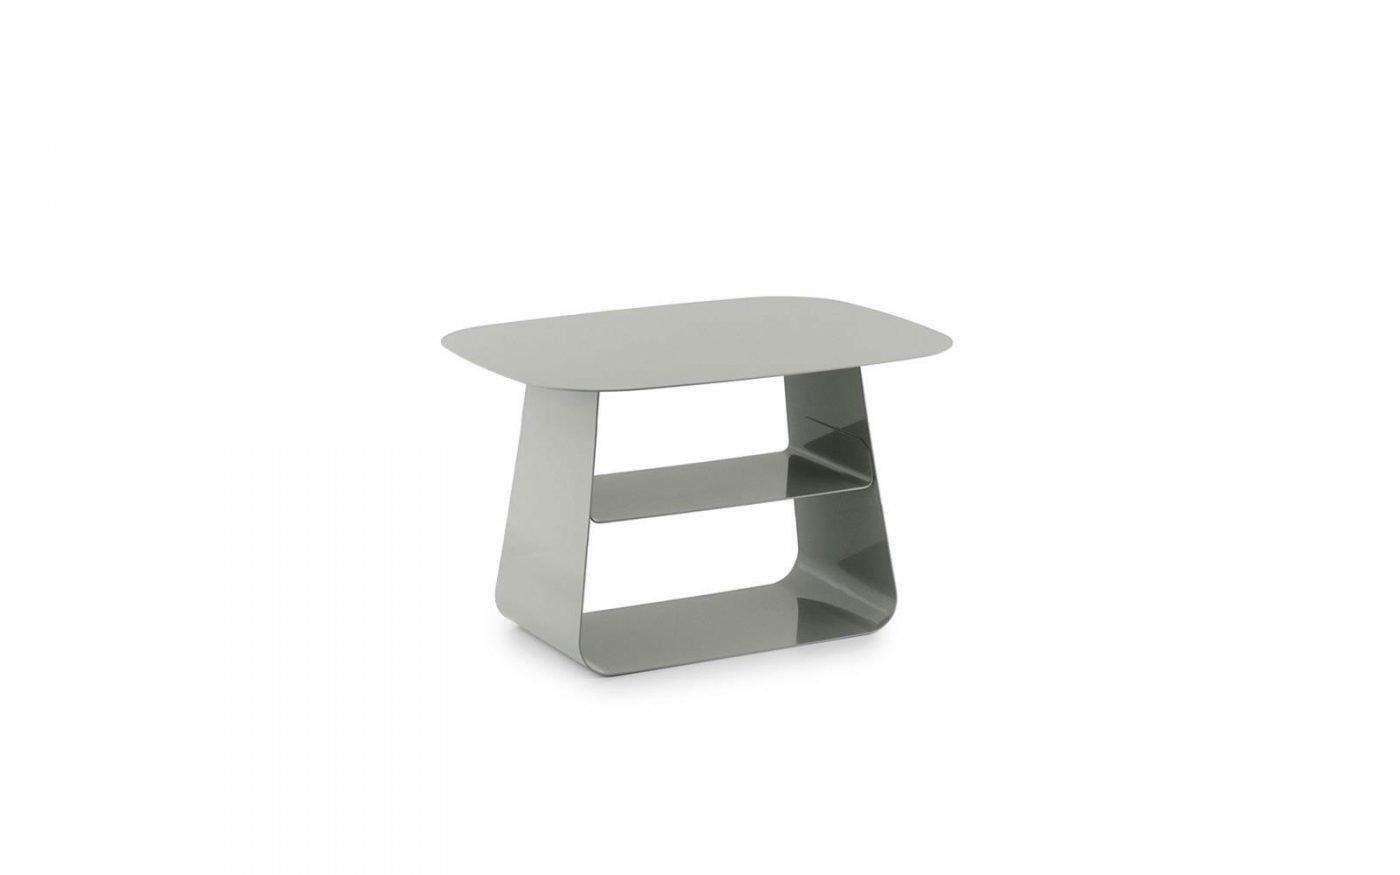 stay-Coffee-table-on-castors-normann-copenhagen-table